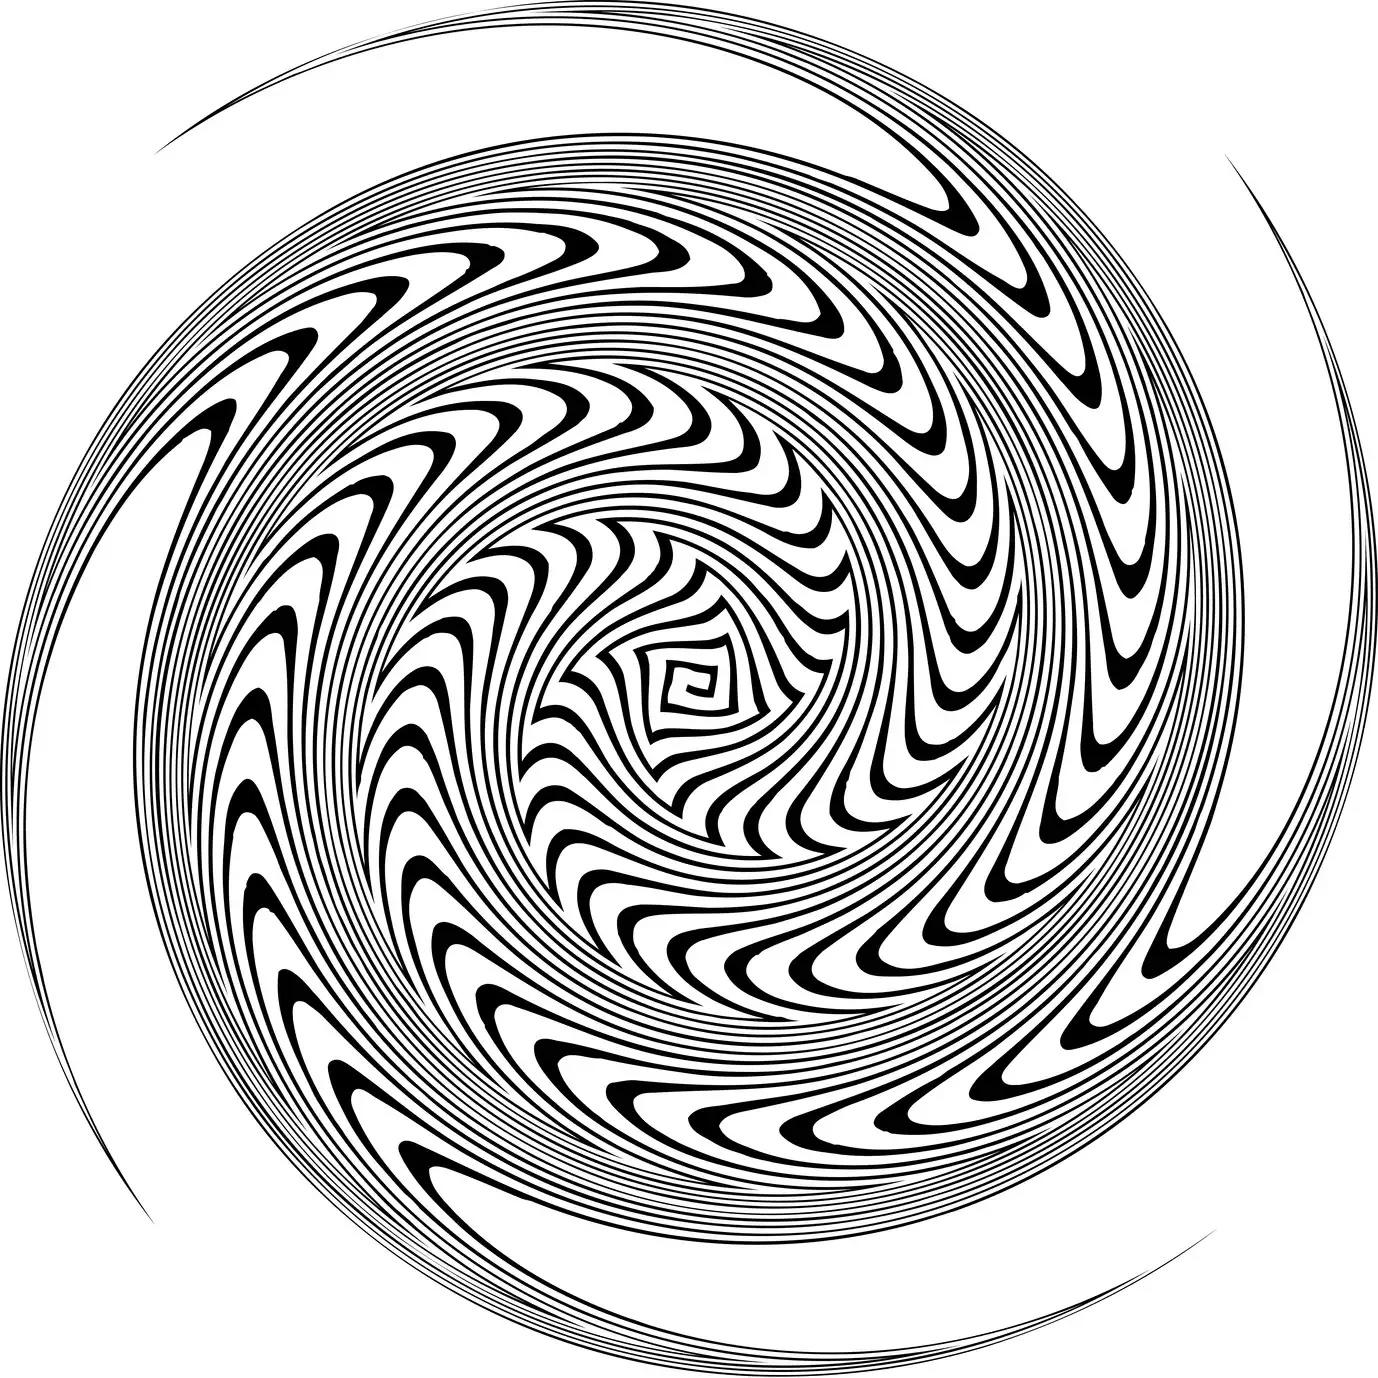 Coloriage Mandala Complique.Mandala A Colorier Difficile 2 Mandalas Difficiles Pour Adultes